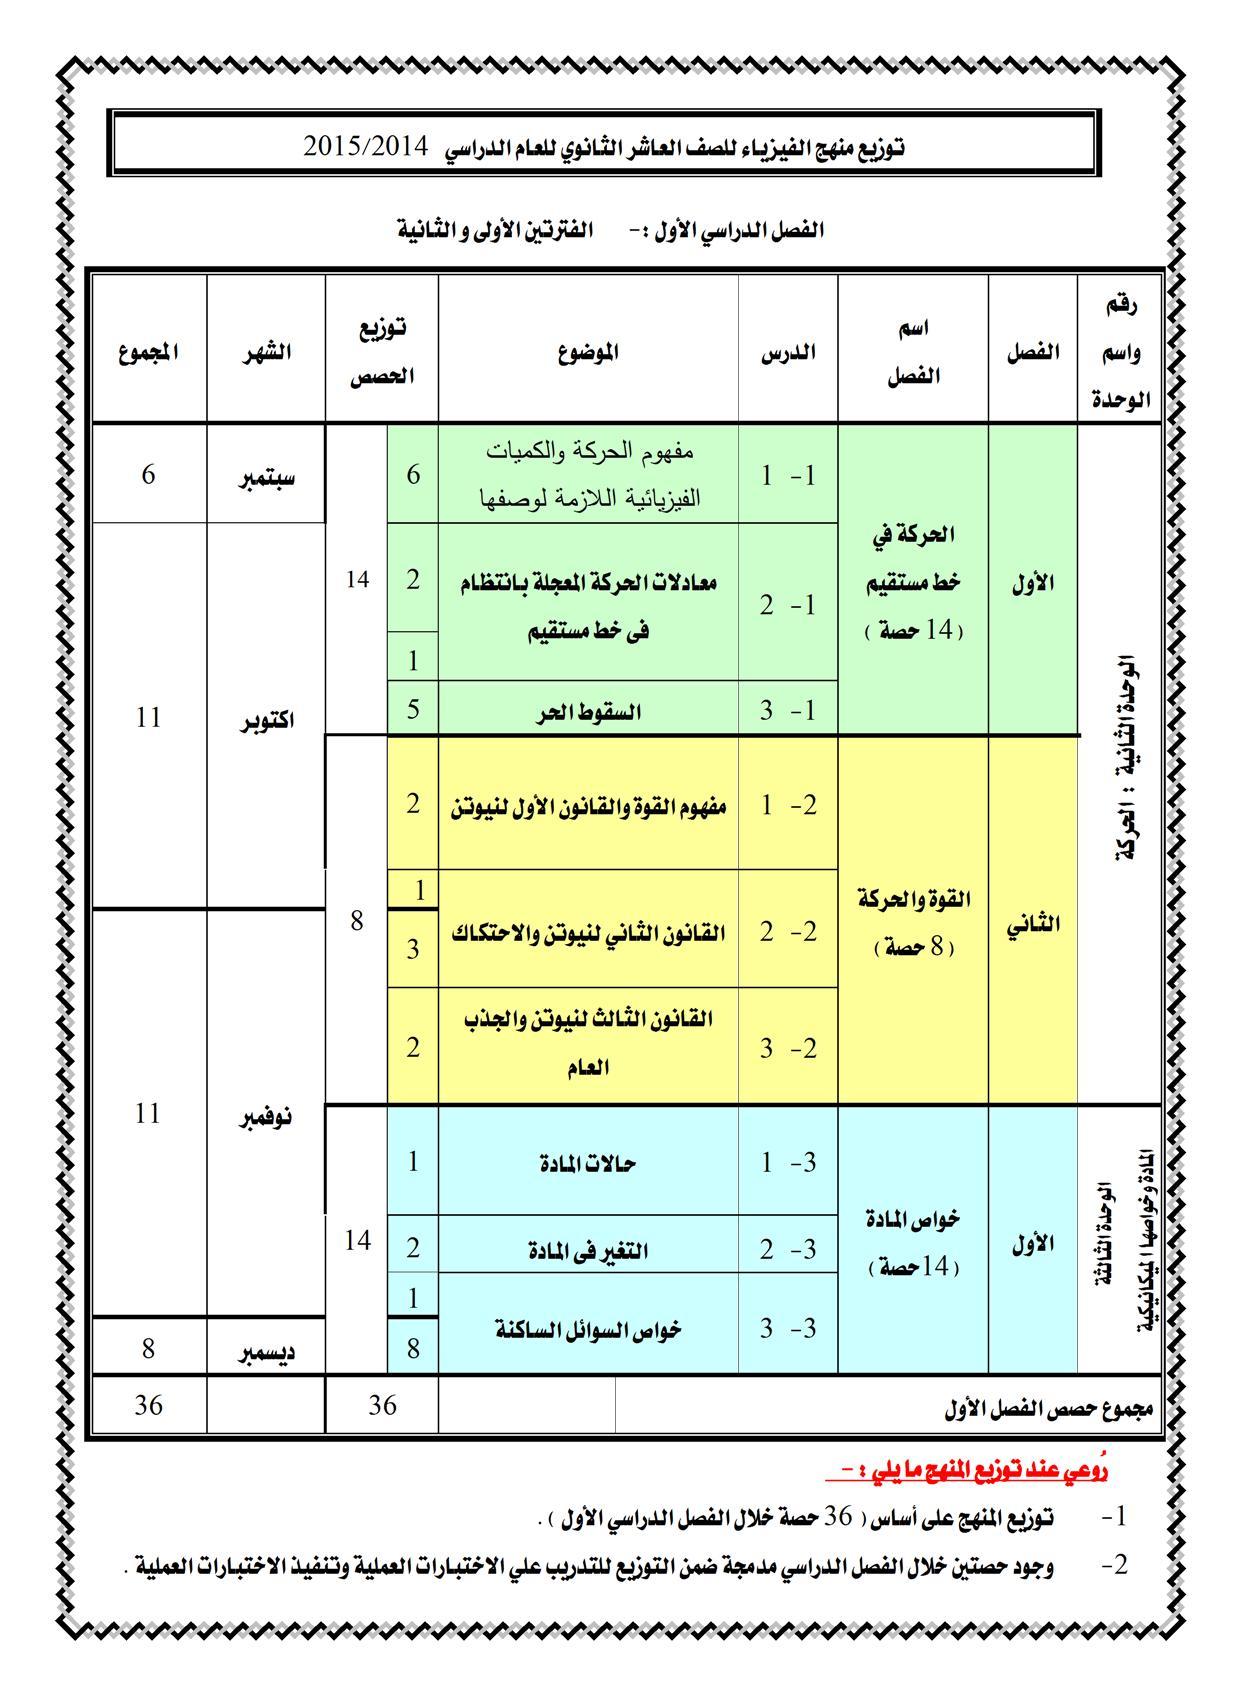 توزيع منهج الفيزياء العاشر الكويت 2015 2014.09.18.17.57.20.